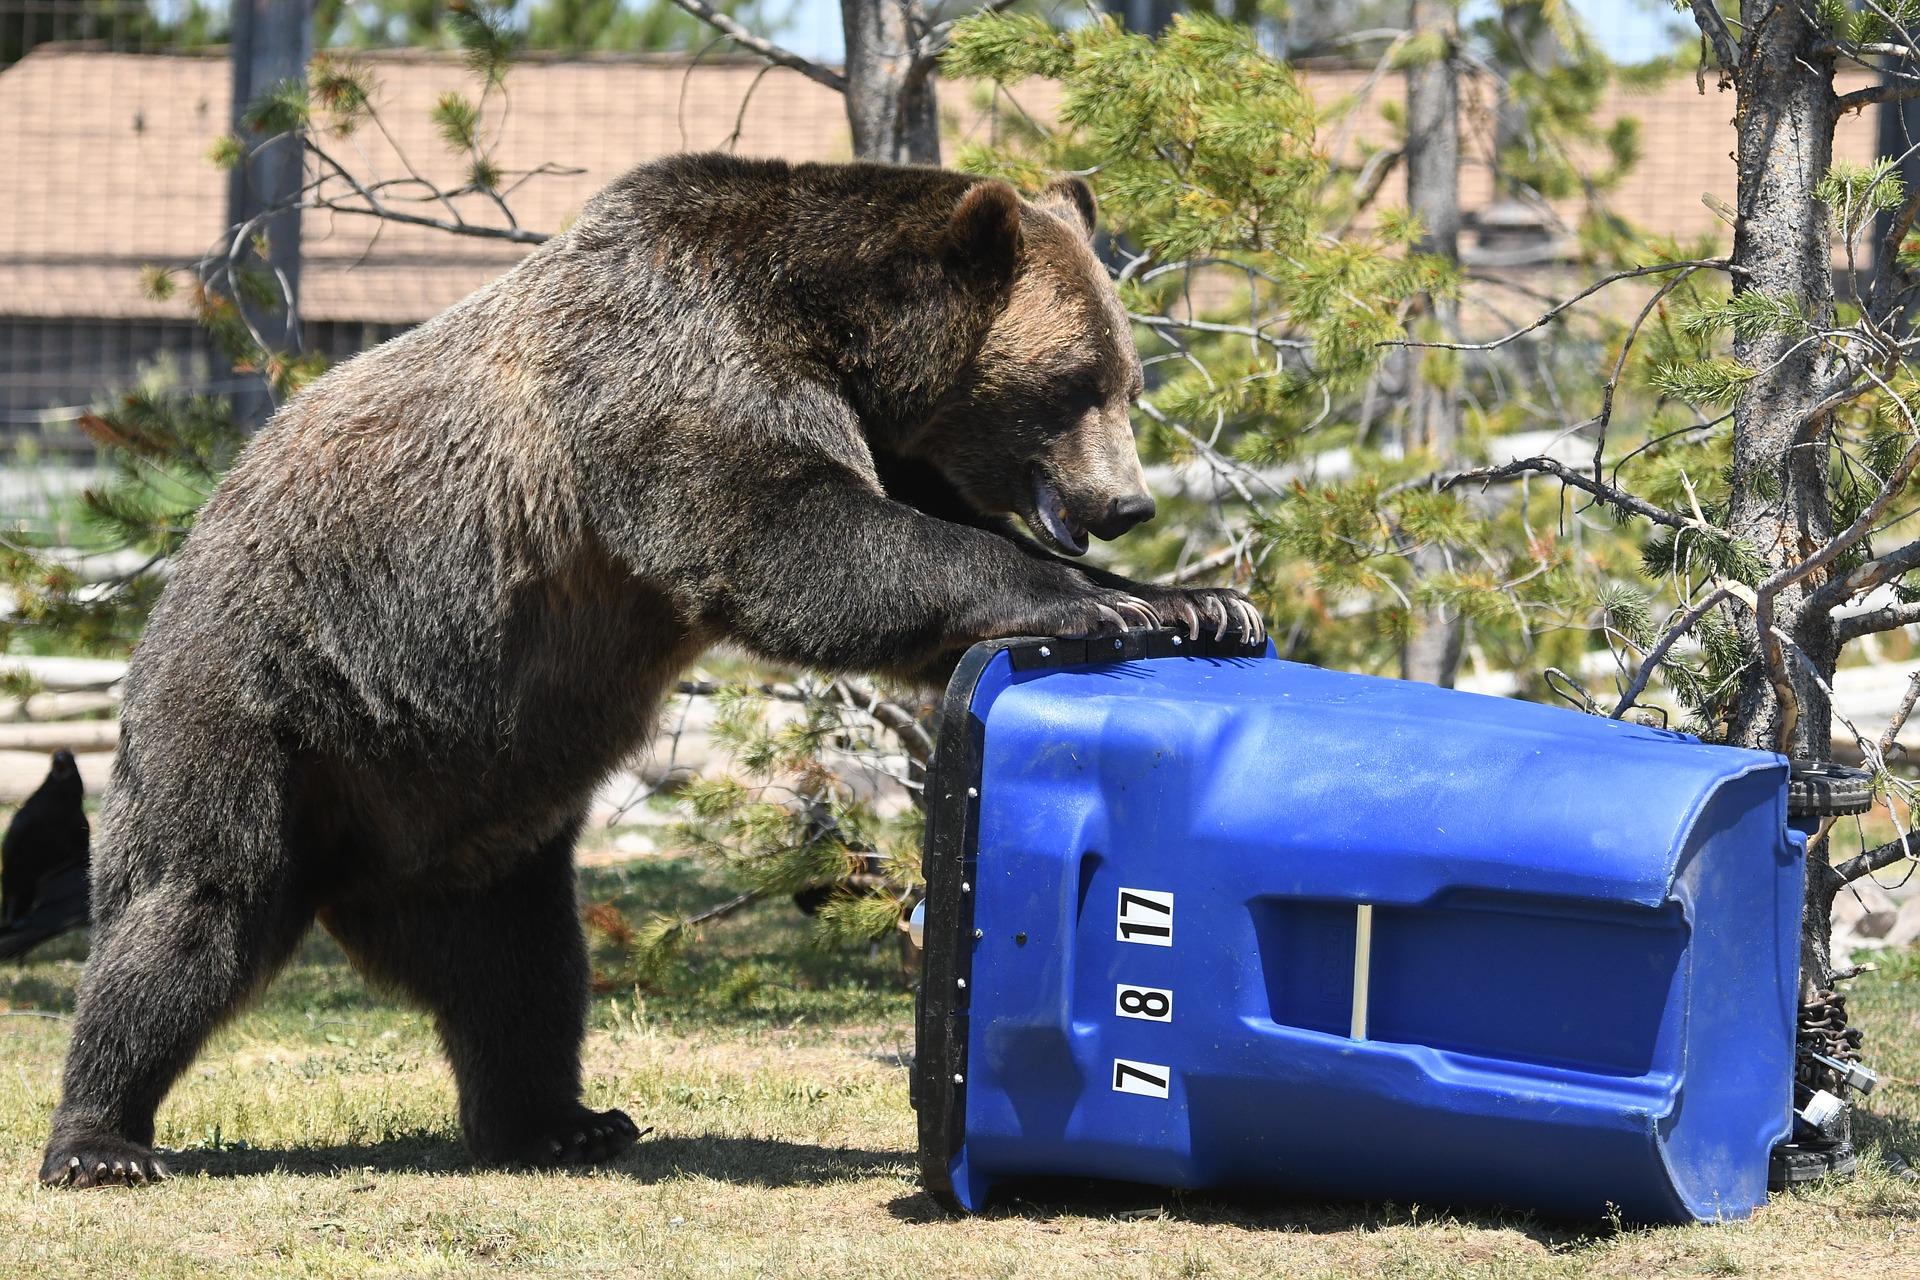 bear trash can pixabay